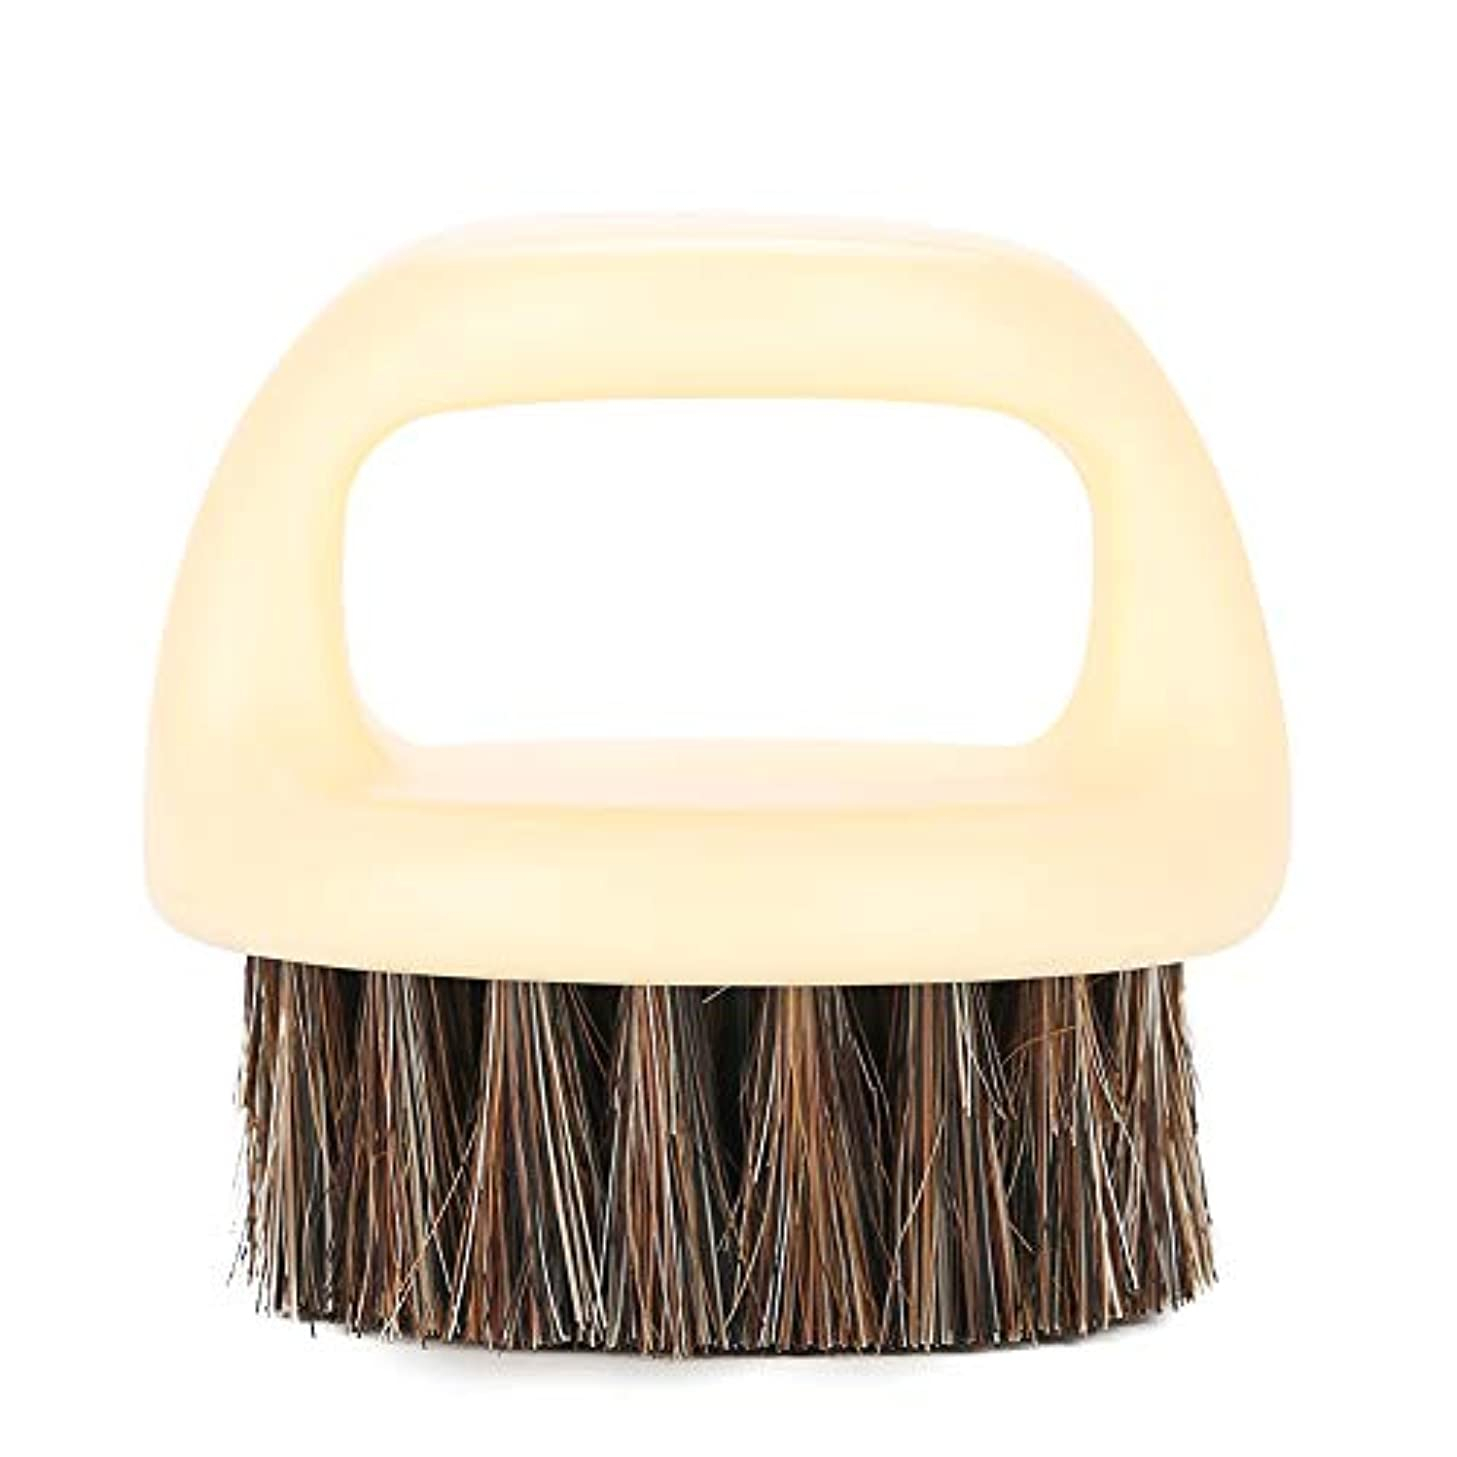 み意味するクランプひげブラシ、3スタイルひげグルーミングスタイリングひげケア男性用Beardshaperツール(白いハンドルと黒髪)